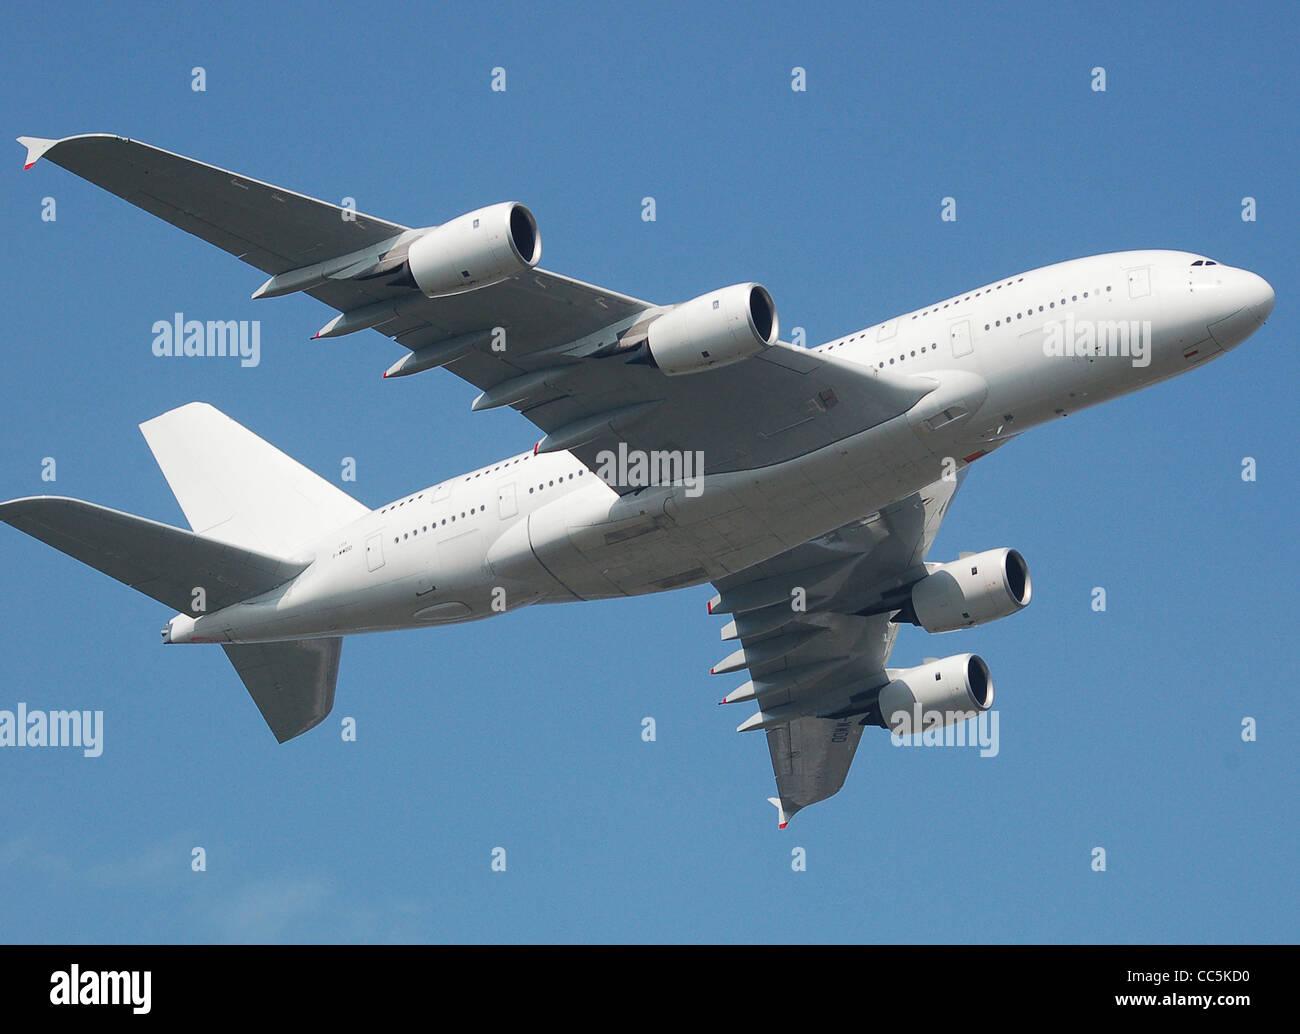 Airbus A380 F-WWDD, il quarto A380 e non ancora verniciato, vola sopra Filton Airfield, Bristol, Inghilterra. Immagini Stock